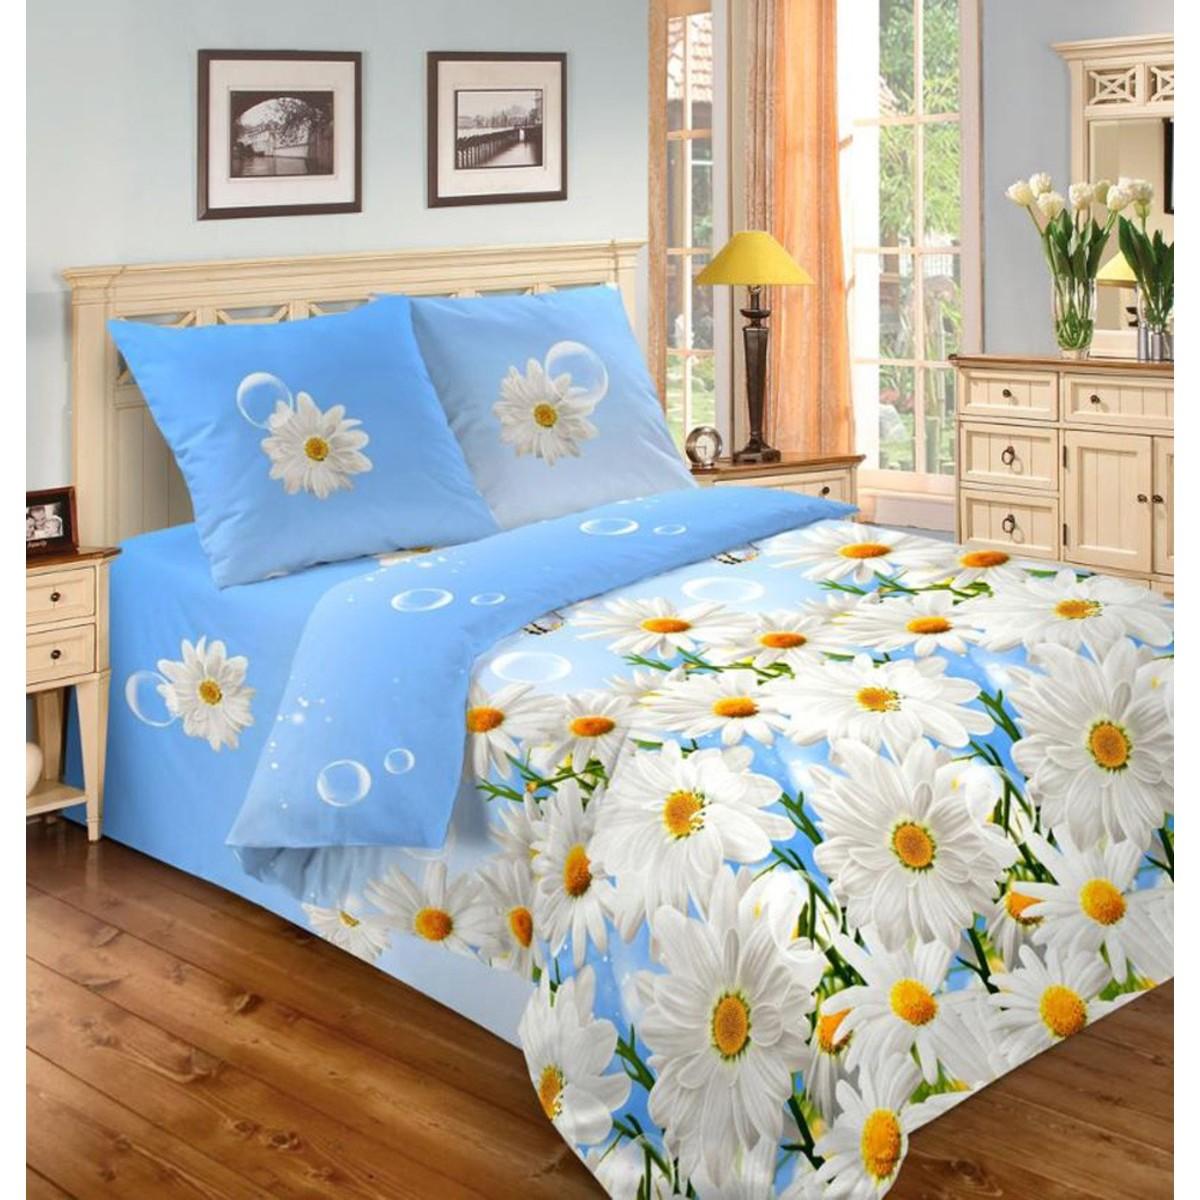 Комплект Постельного Белья Полутораспальный Diana Ромашки Голубые  Микрофибра